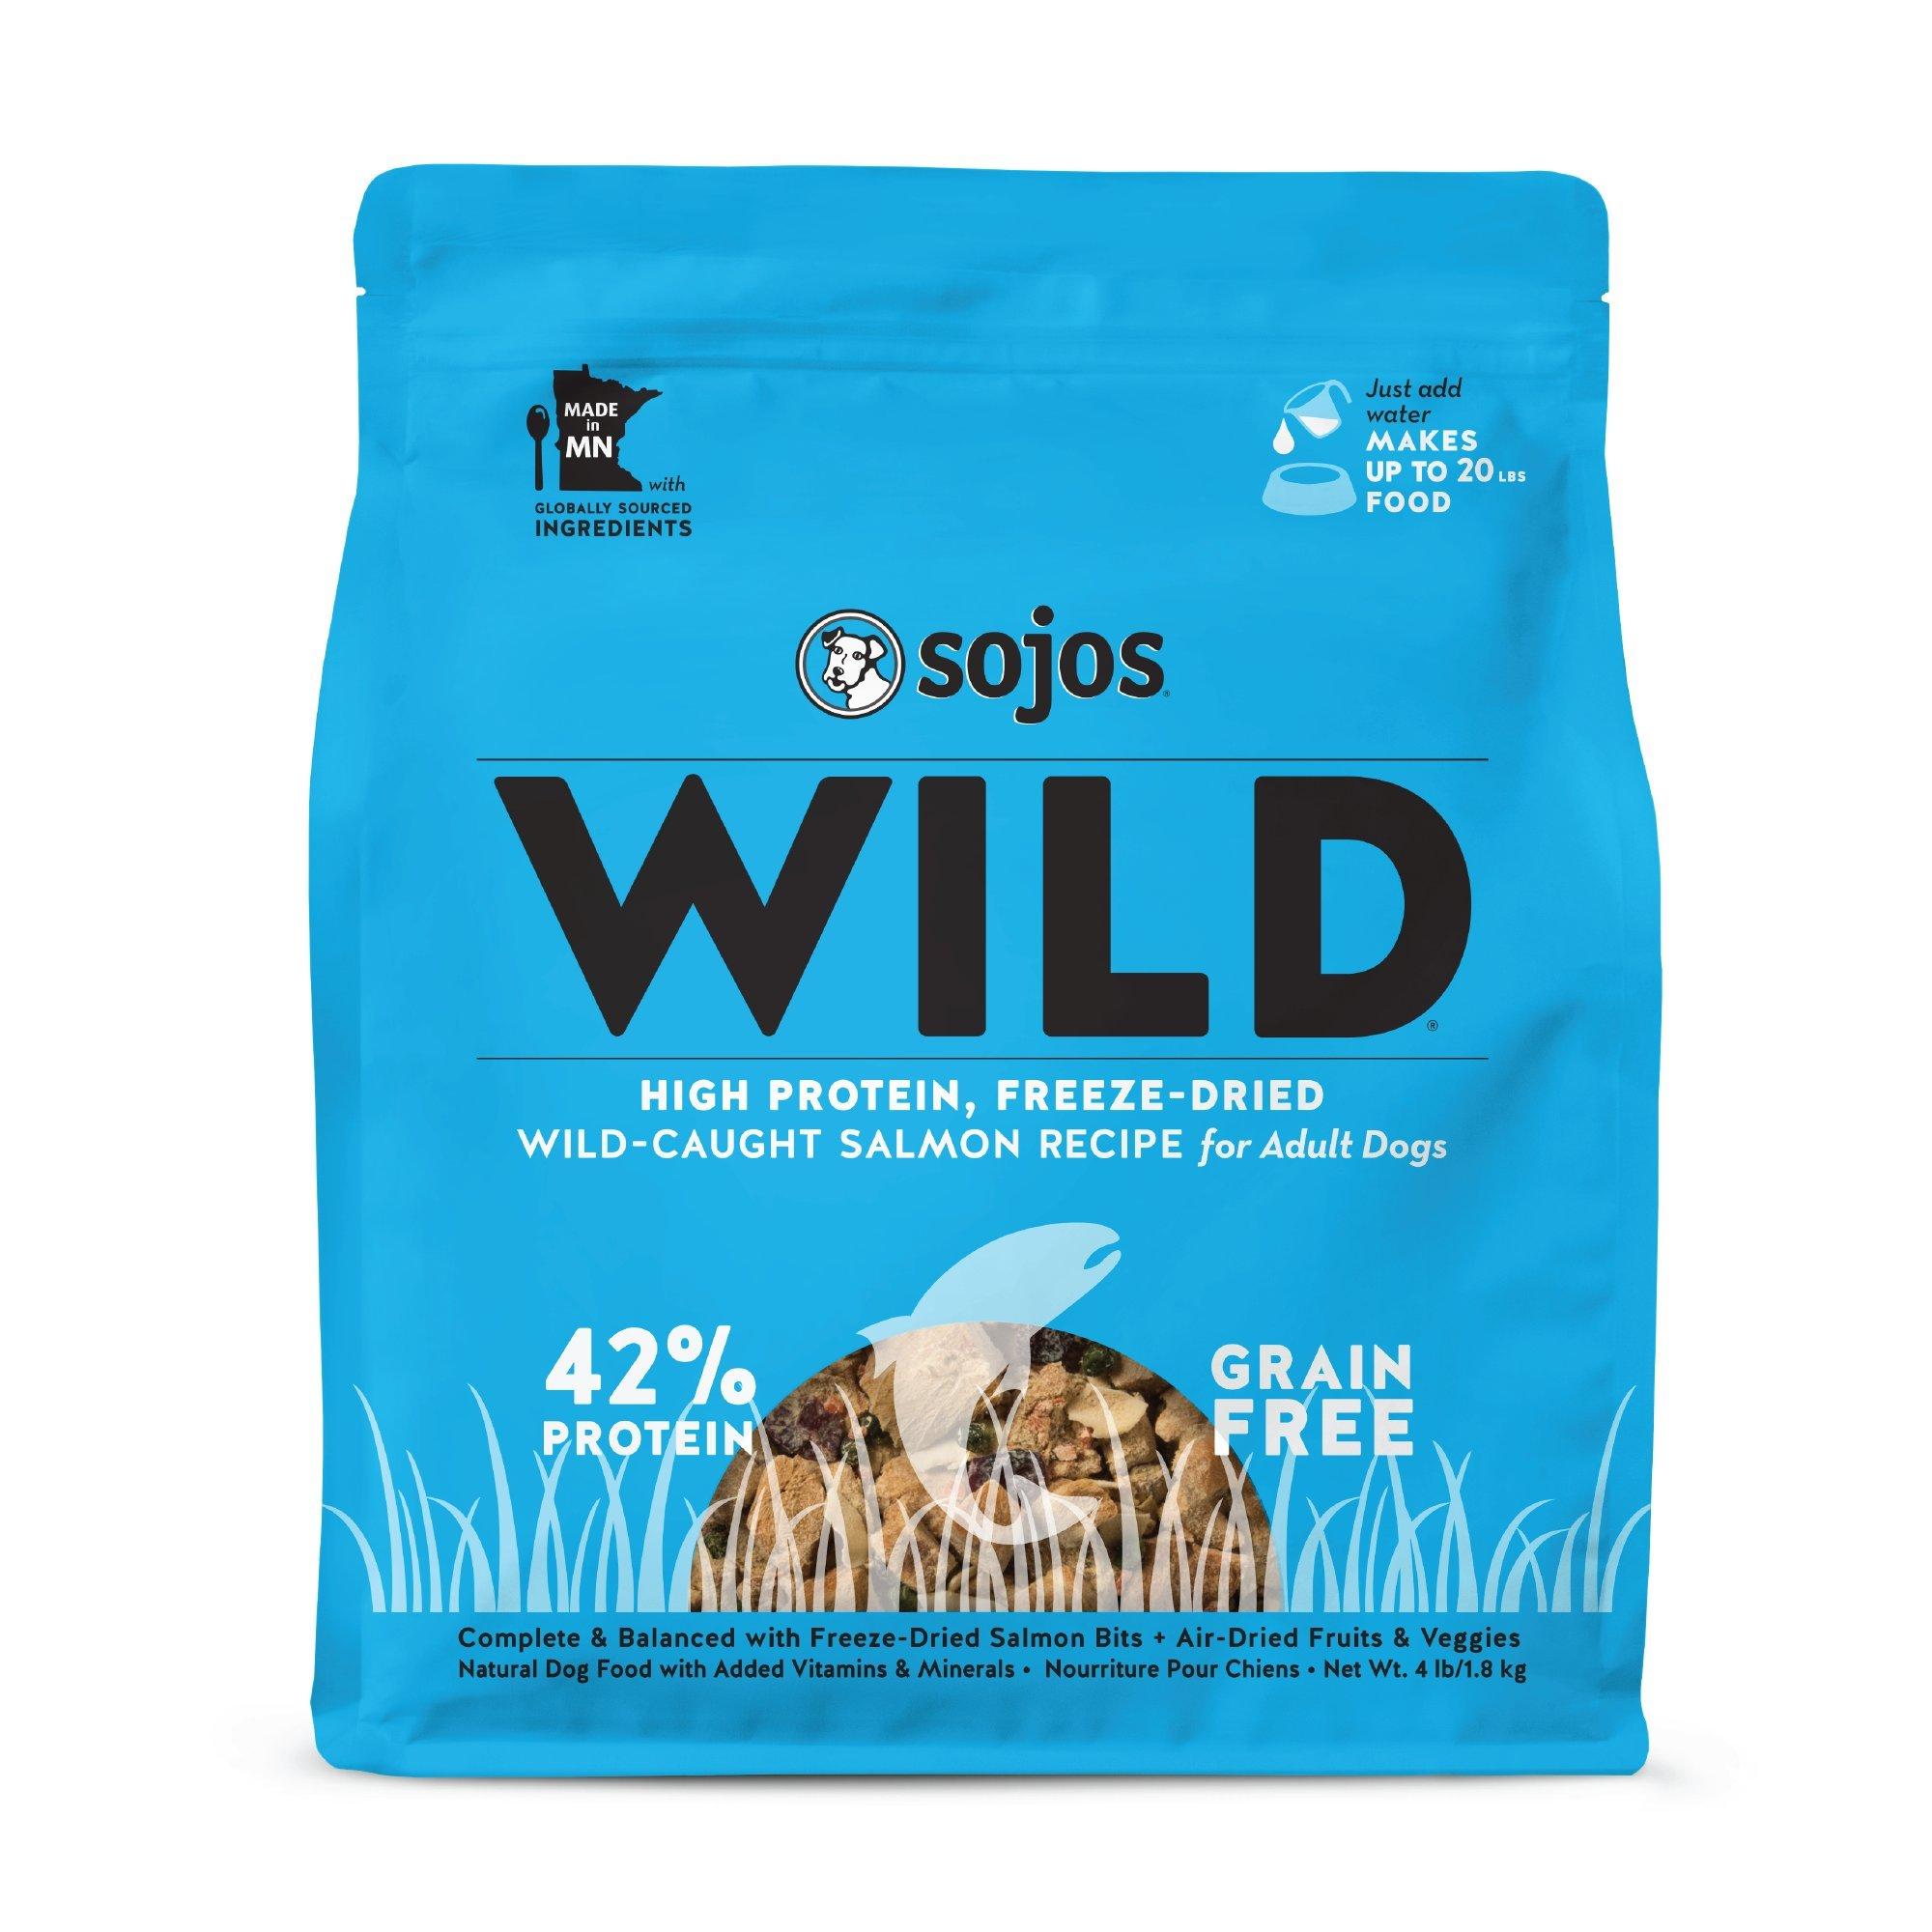 Sojos Wild Salmon Recipe Freeze-Dried Raw Dog Food, 4 Lb. by SOJOS